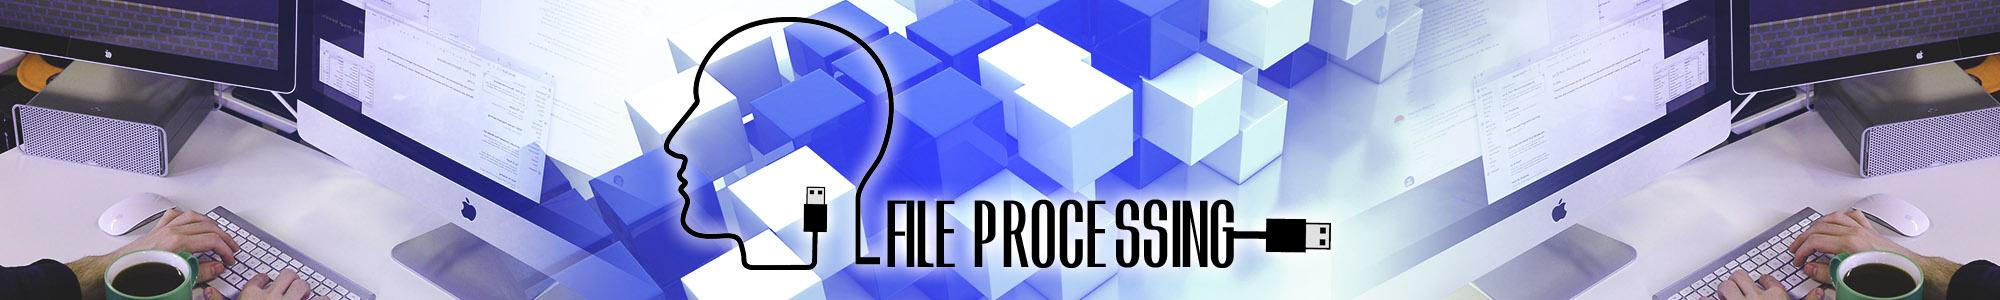 檔案處理服務